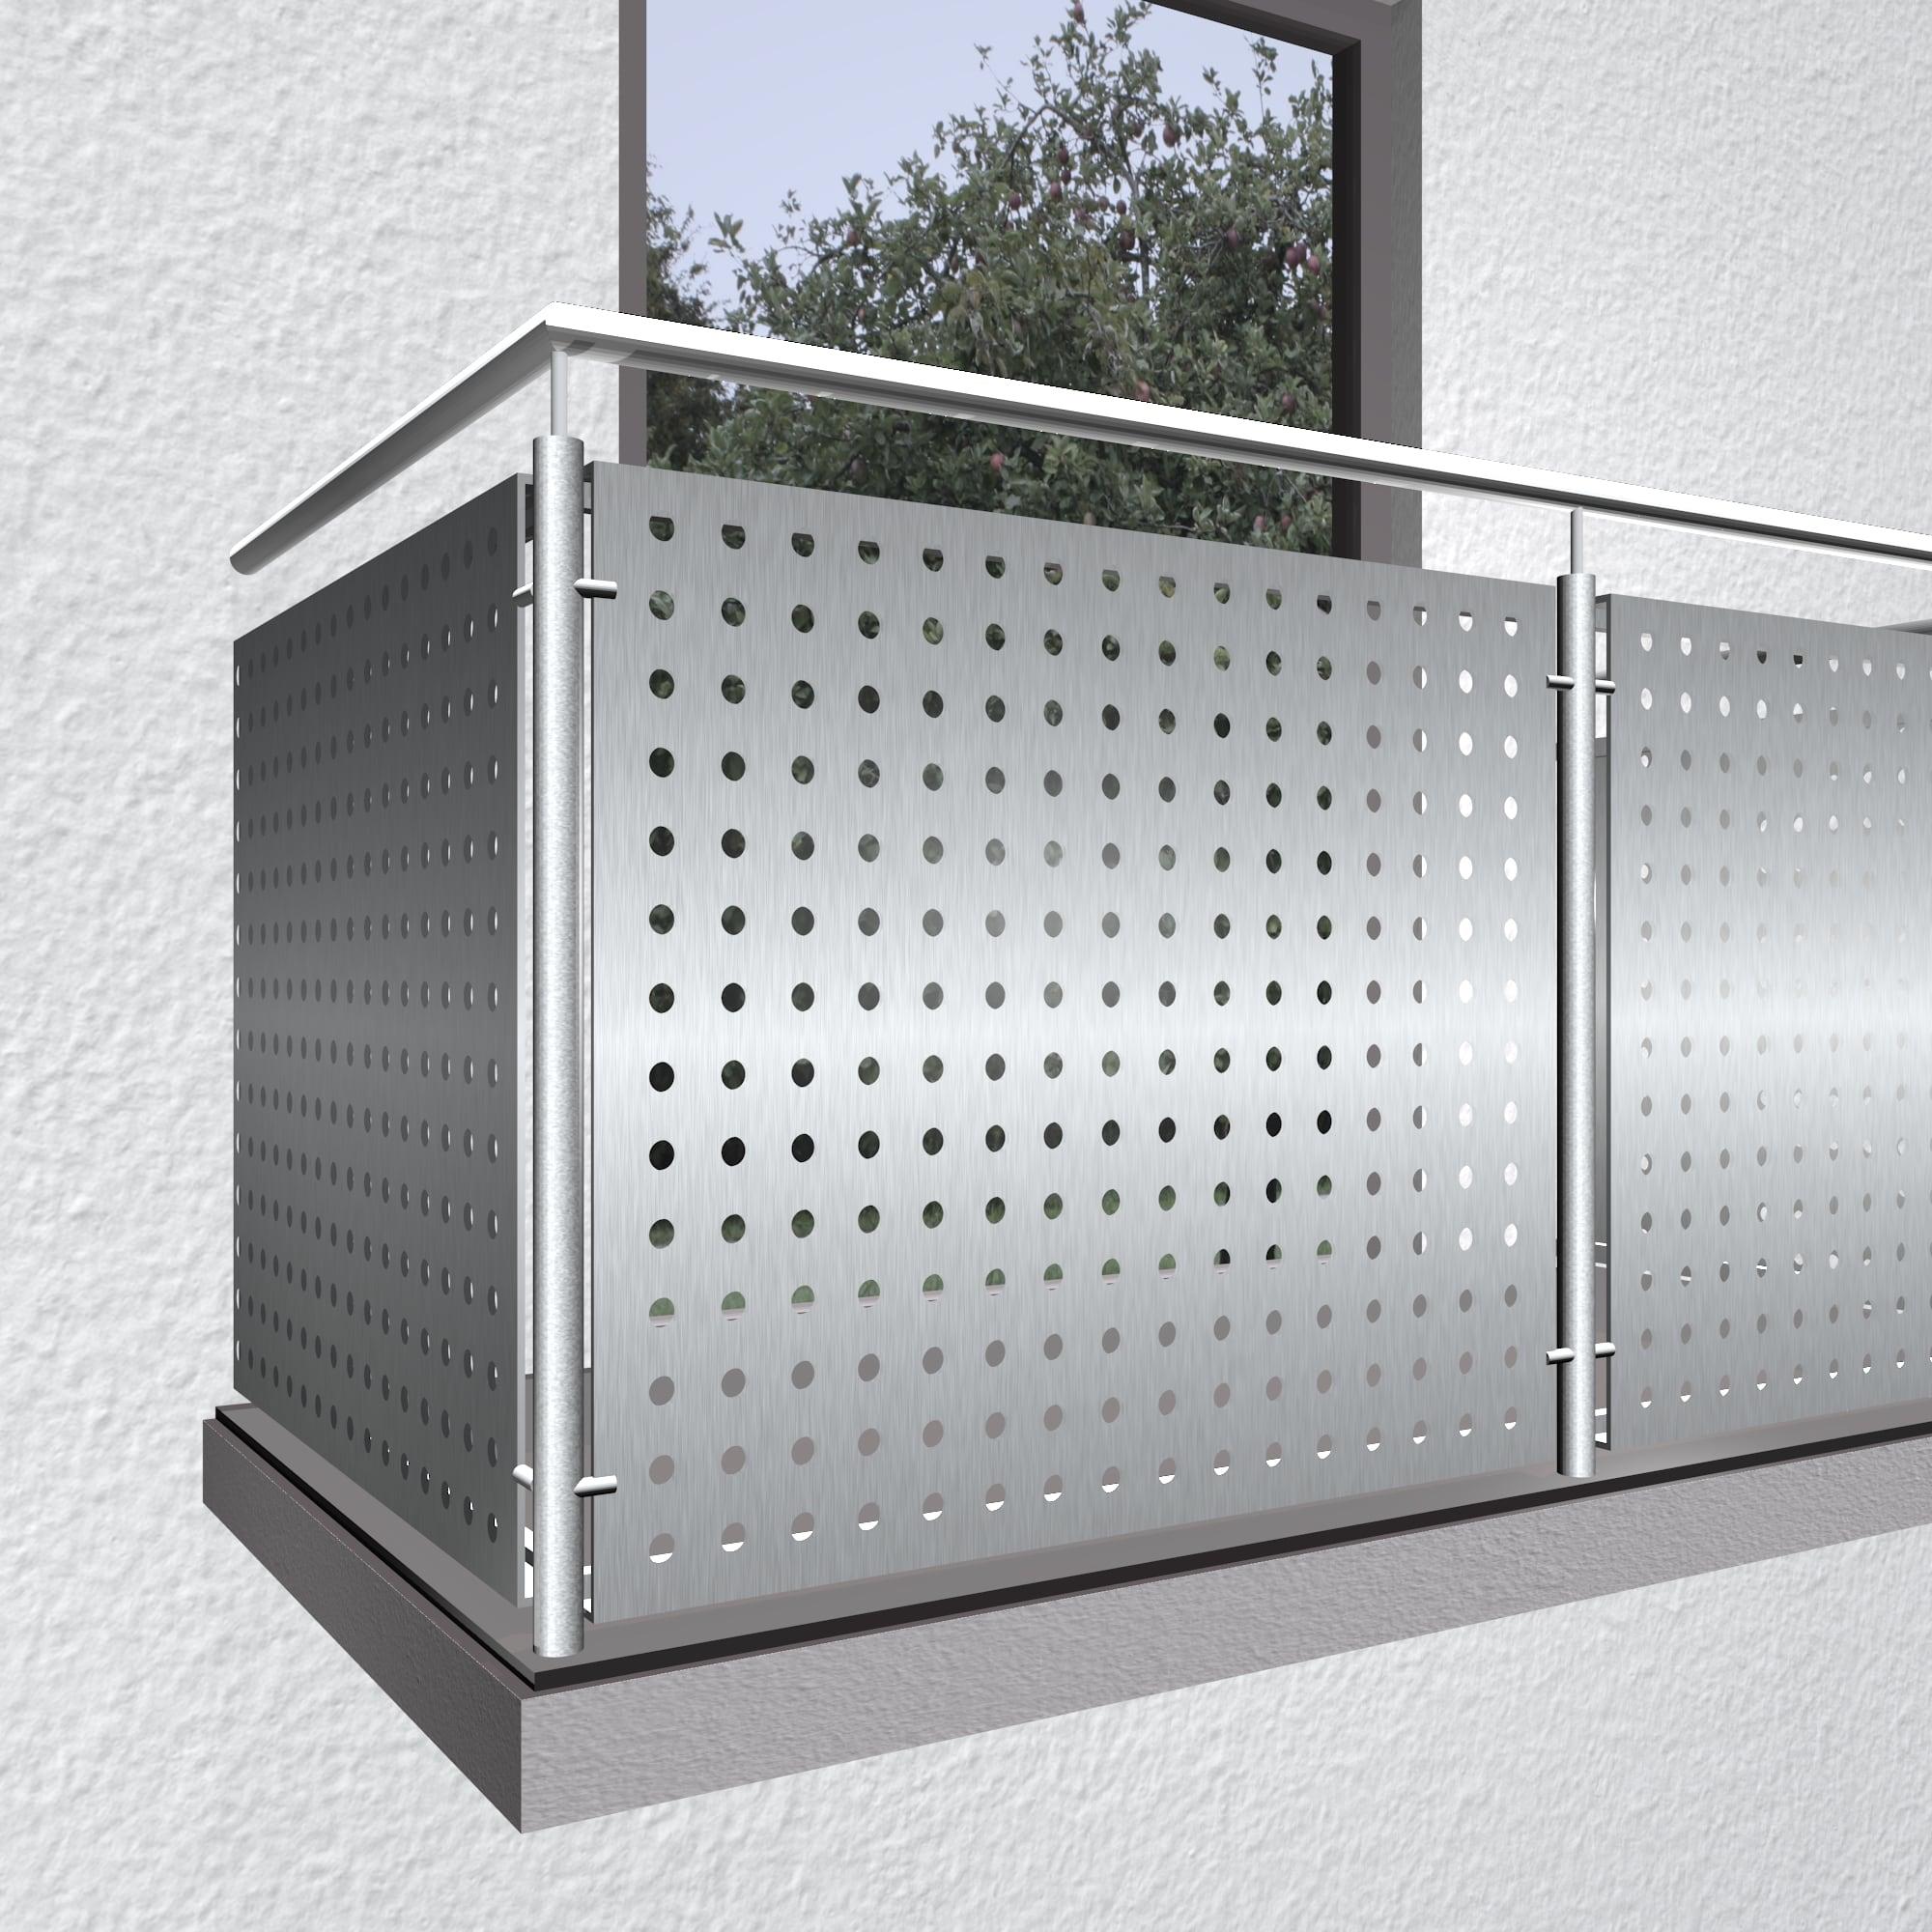 Balkonverkleidung Edelstahl RL GE